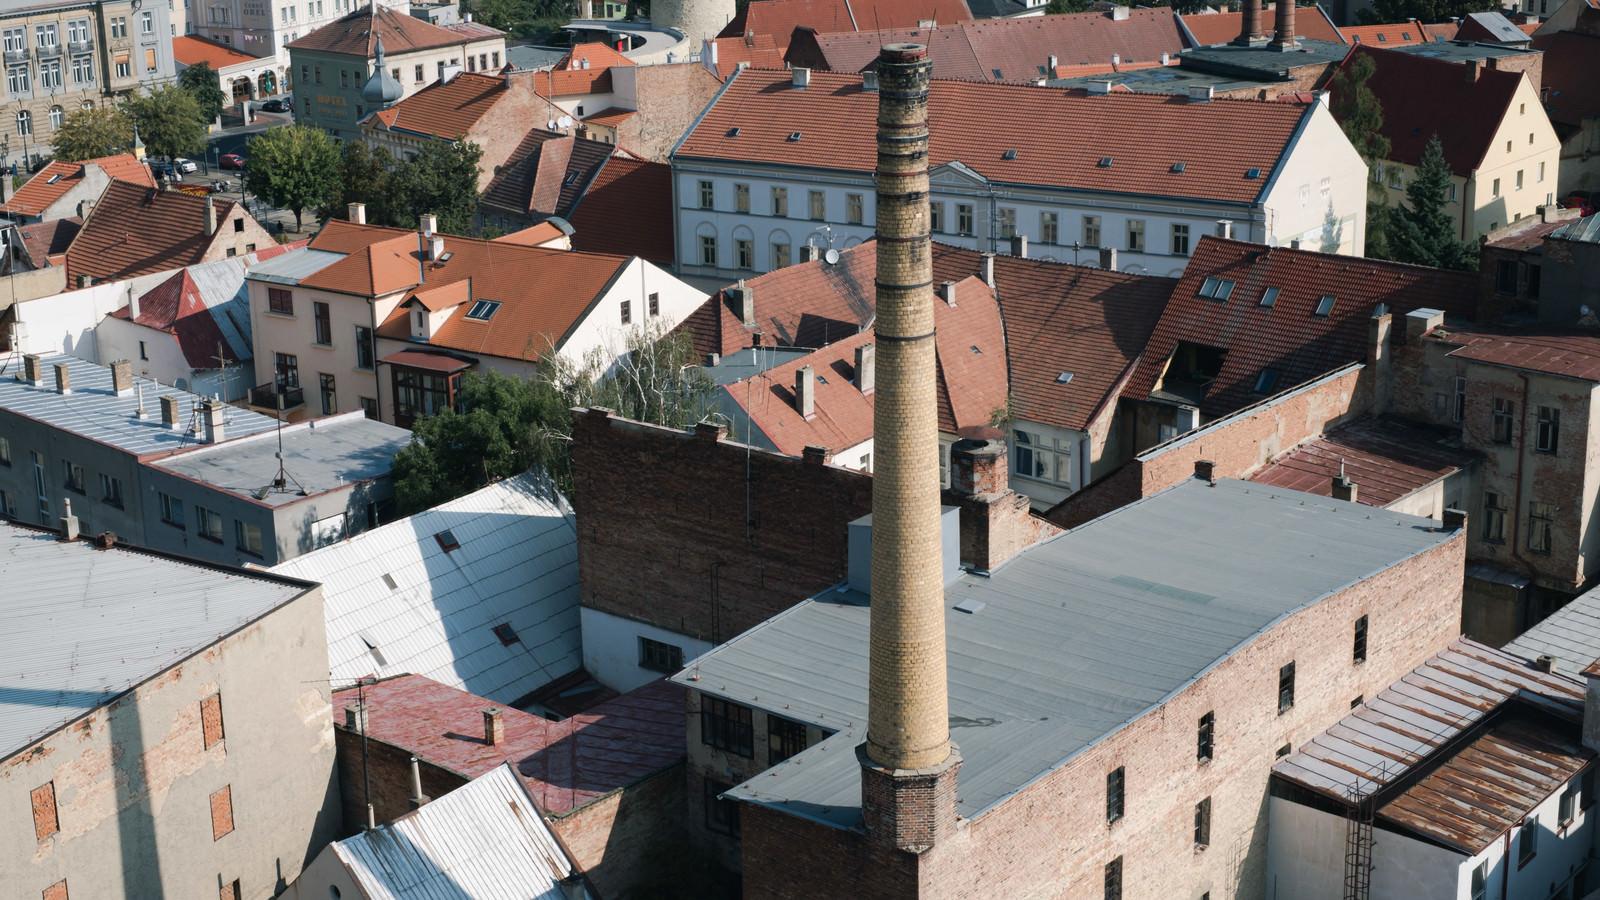 「ホップ関連施設の煙突(ジャテツ)」の写真